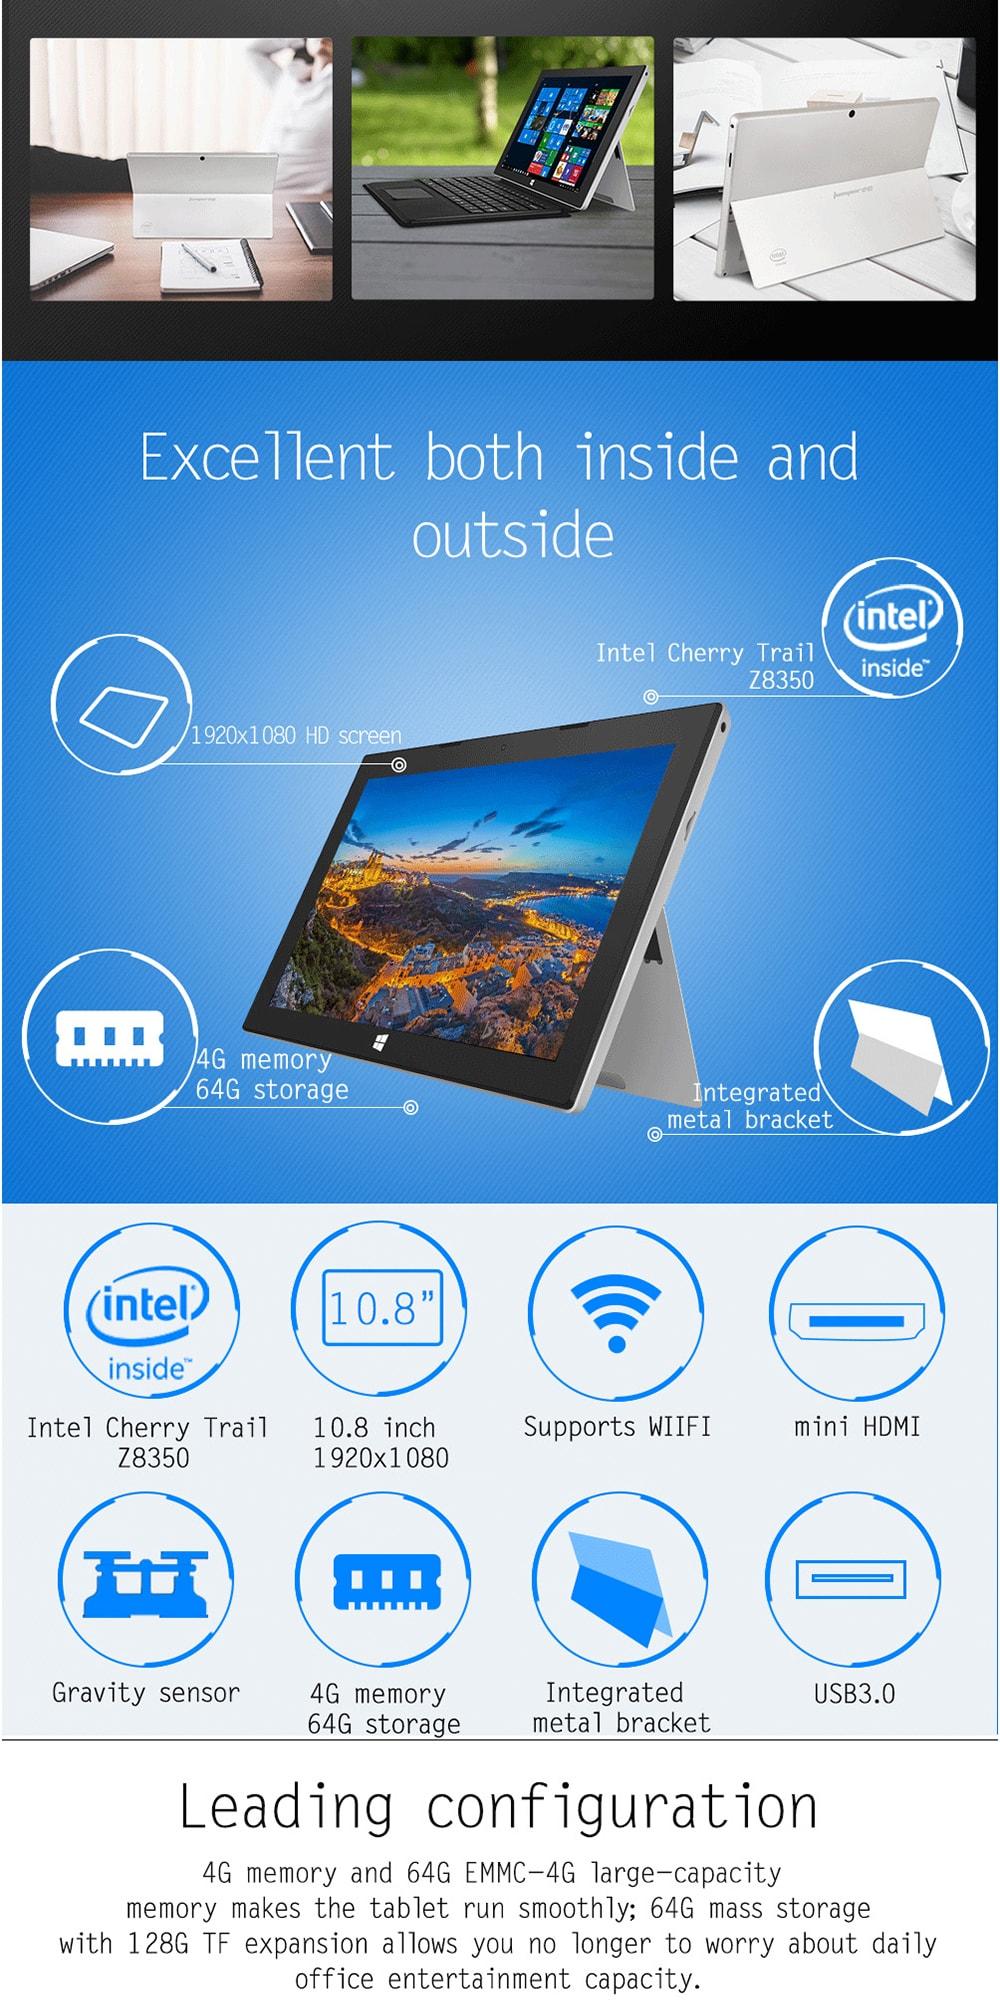 ezpad 7s tablet pc